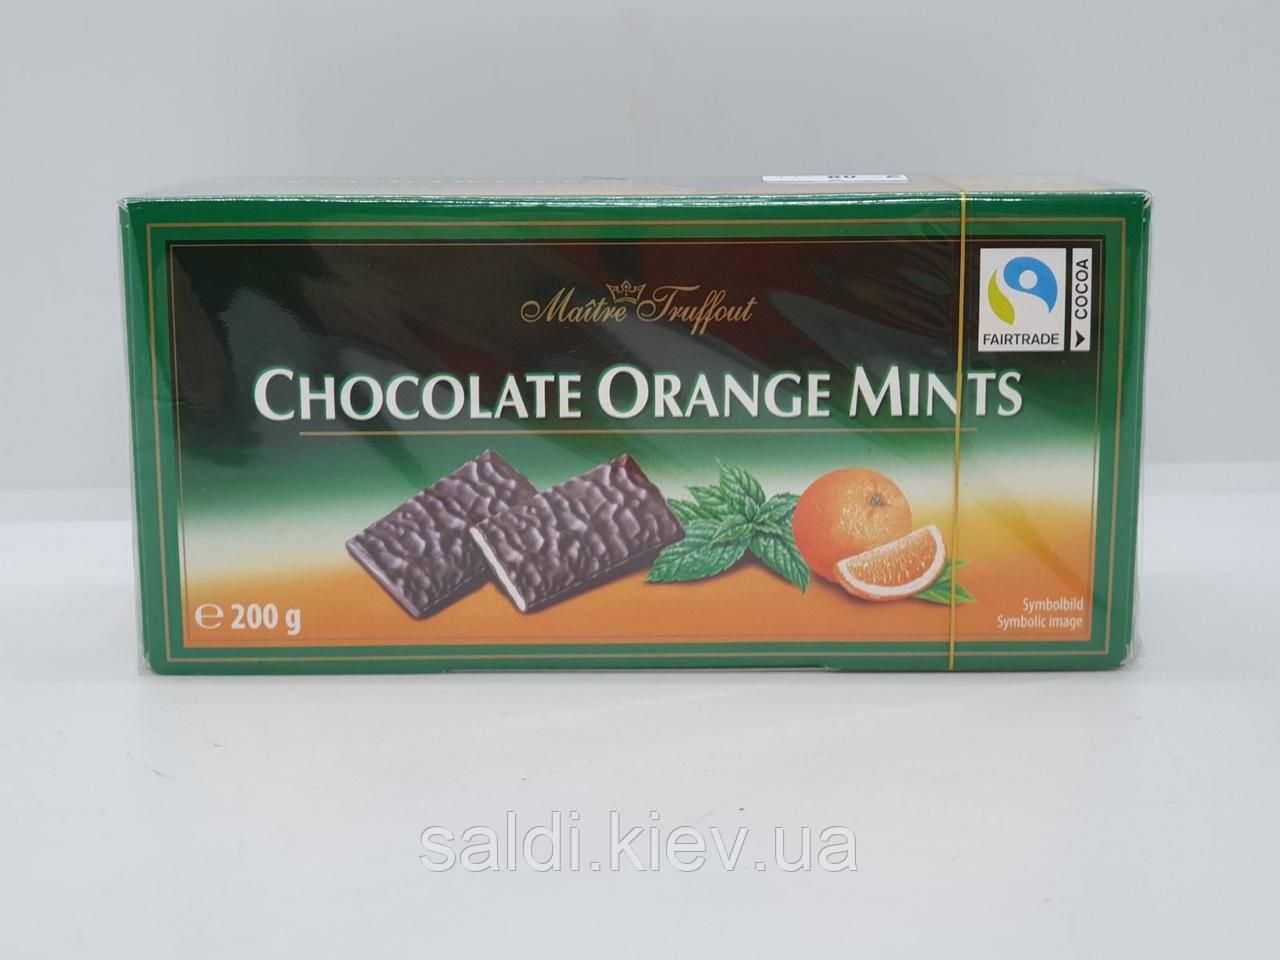 Maitre Truffout Chocolate Orange Mints - Шоколадные пластинки с мятно-апельсиновой начинкой 200 грамм